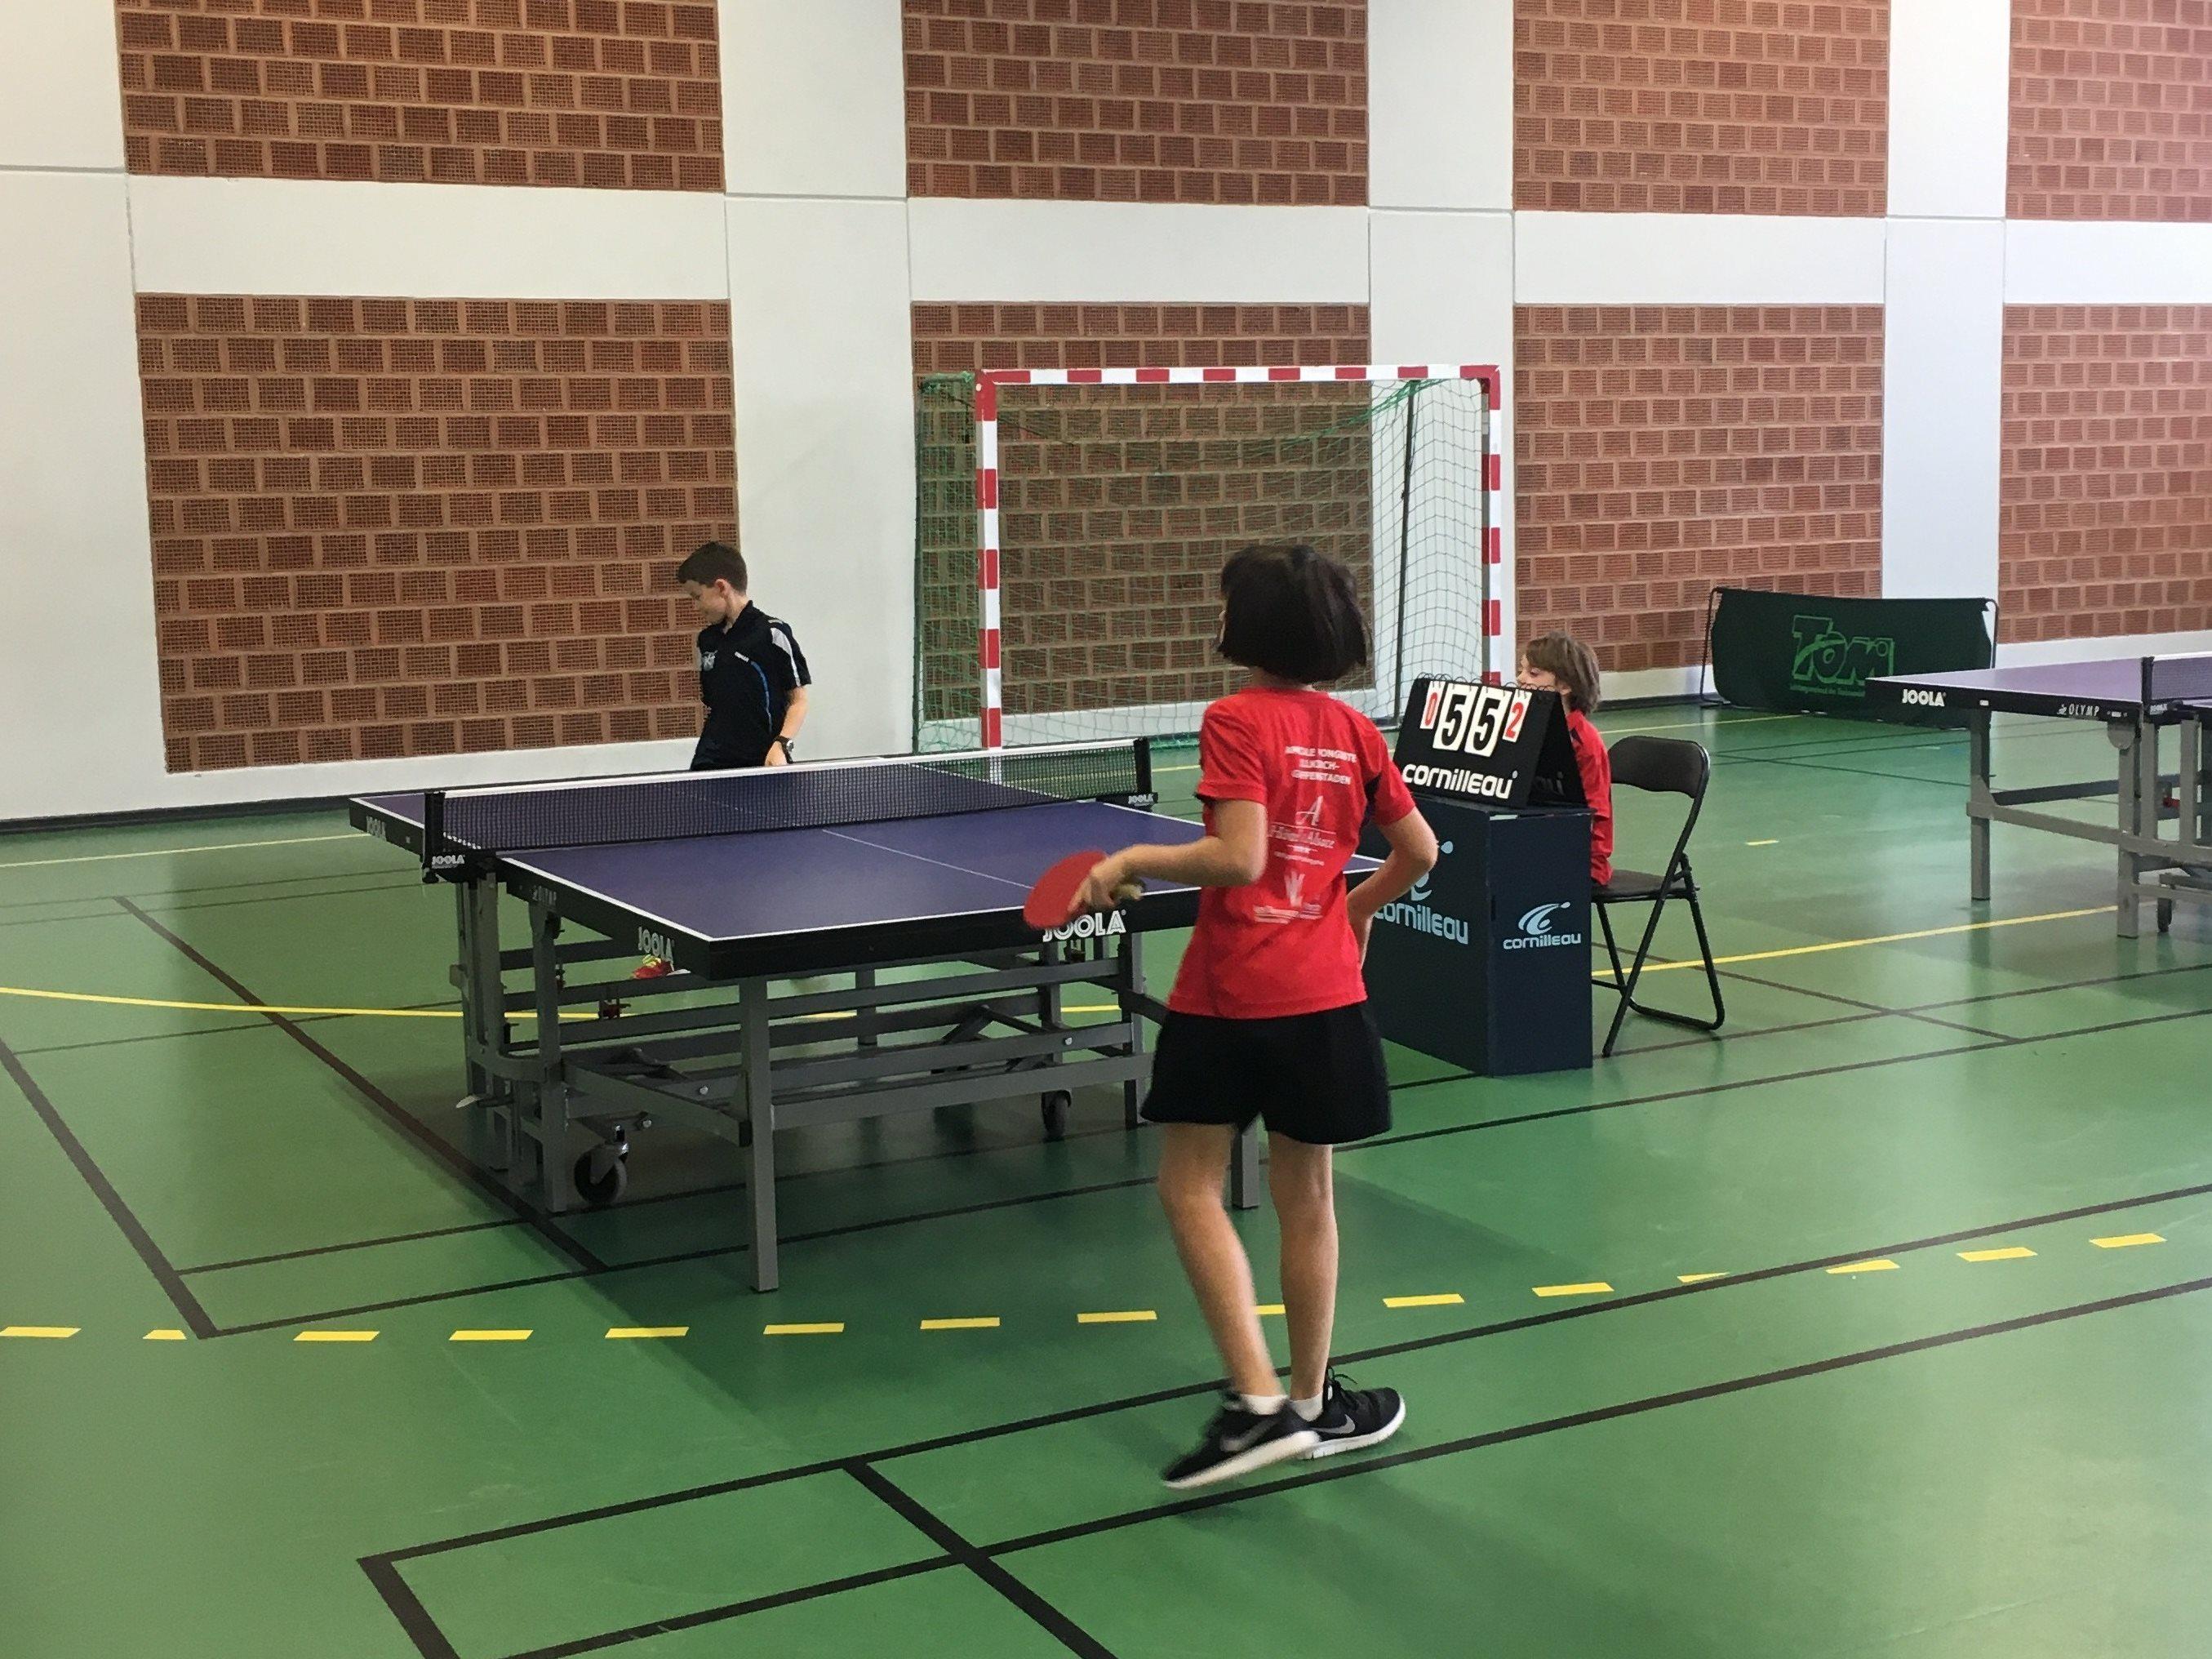 2016-11-06-agr-championnat-par-equipes-tour-1-2